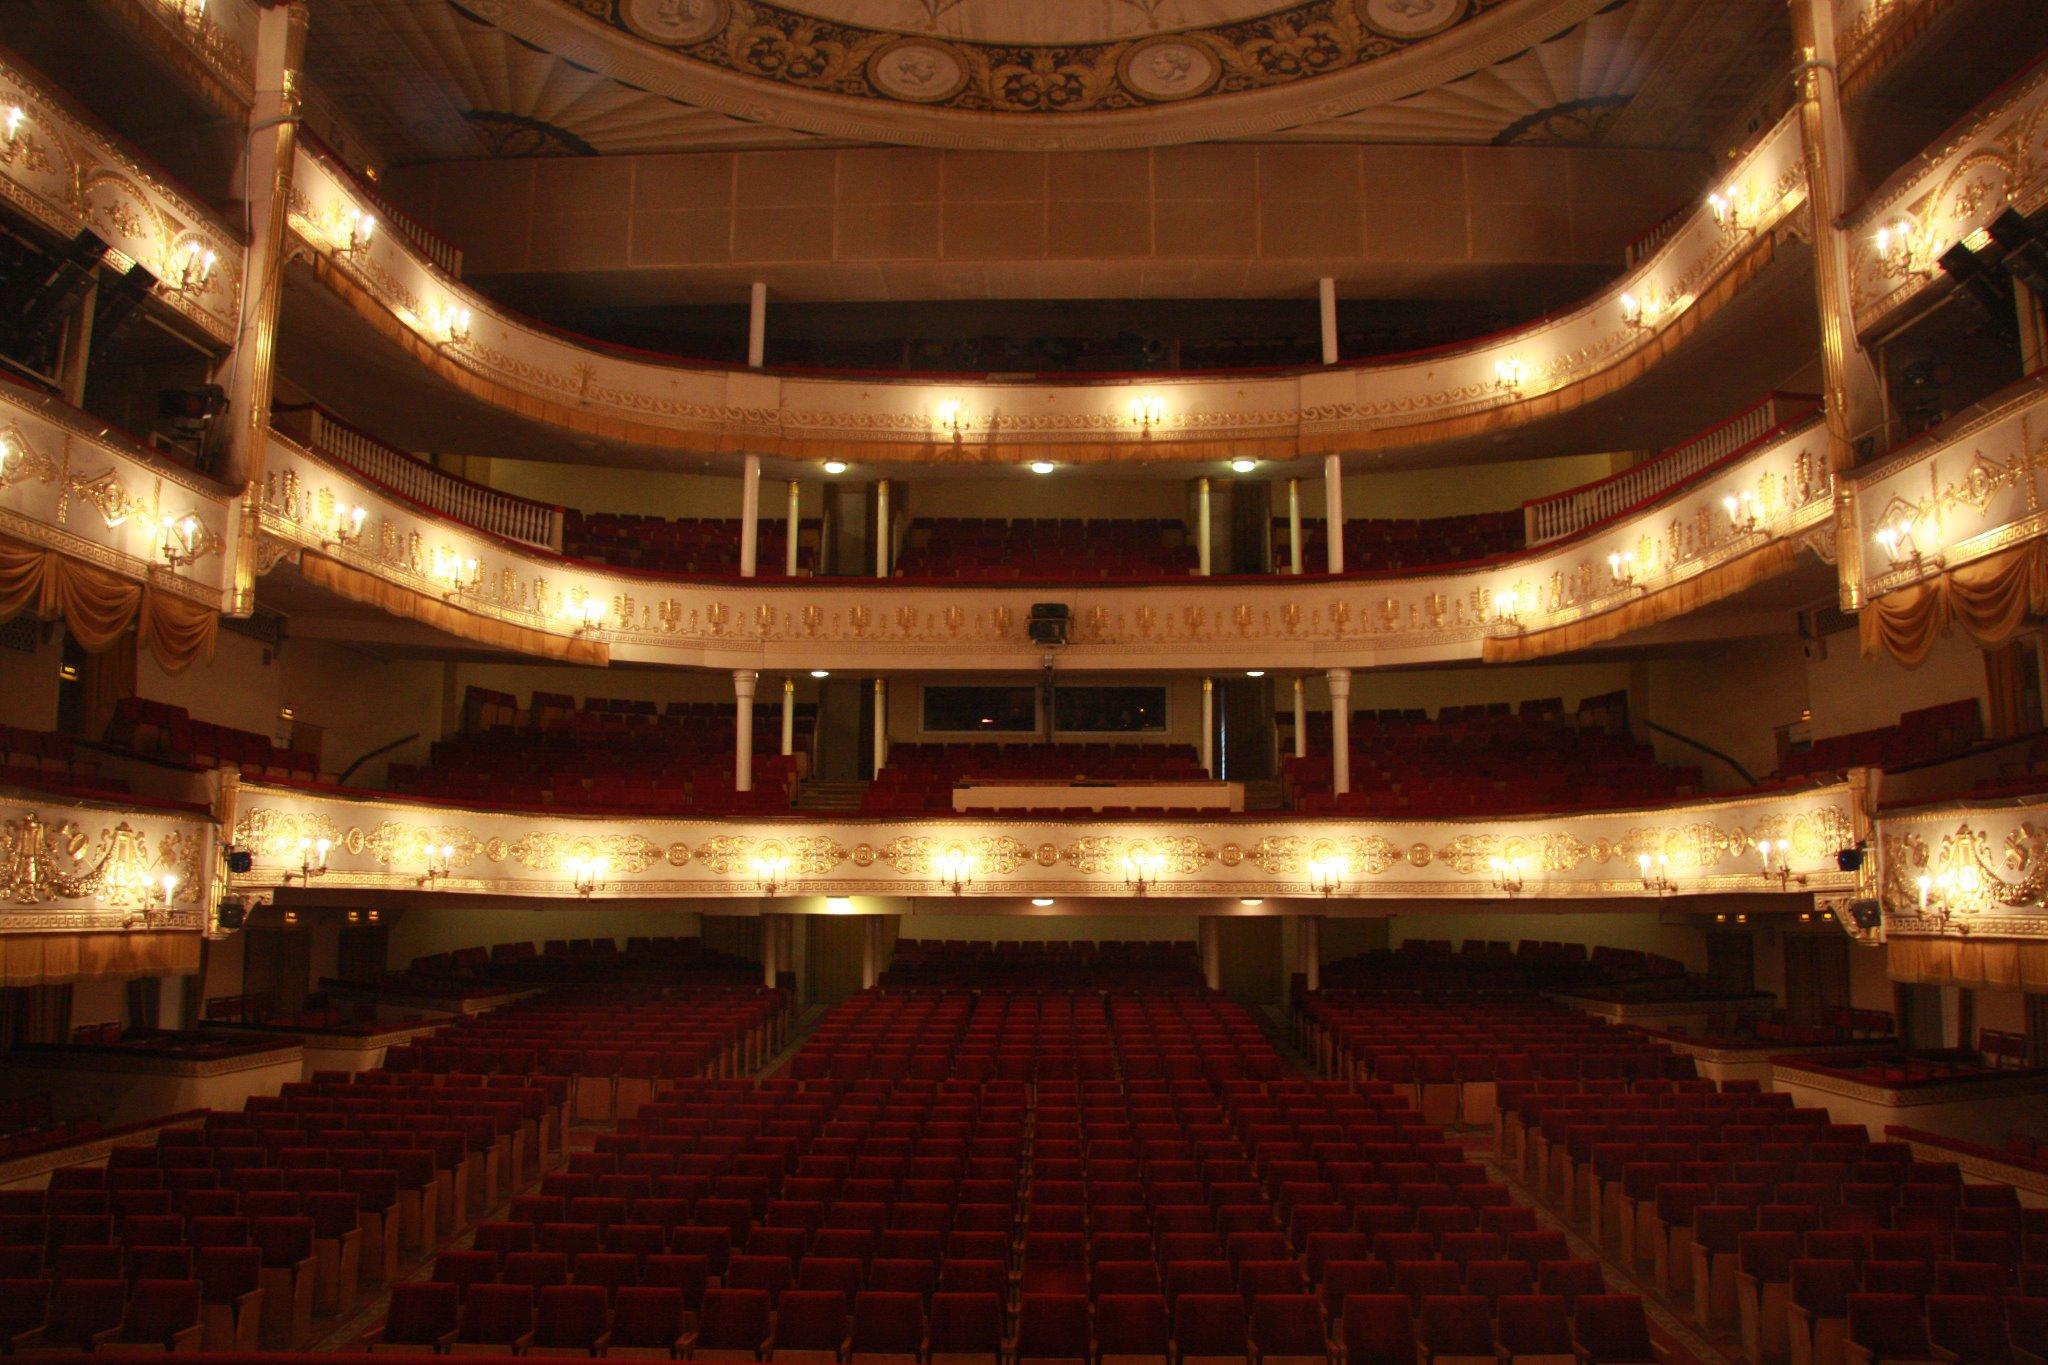 Театр московская оперетта - фотографии - театр 2 из 2 - теат.